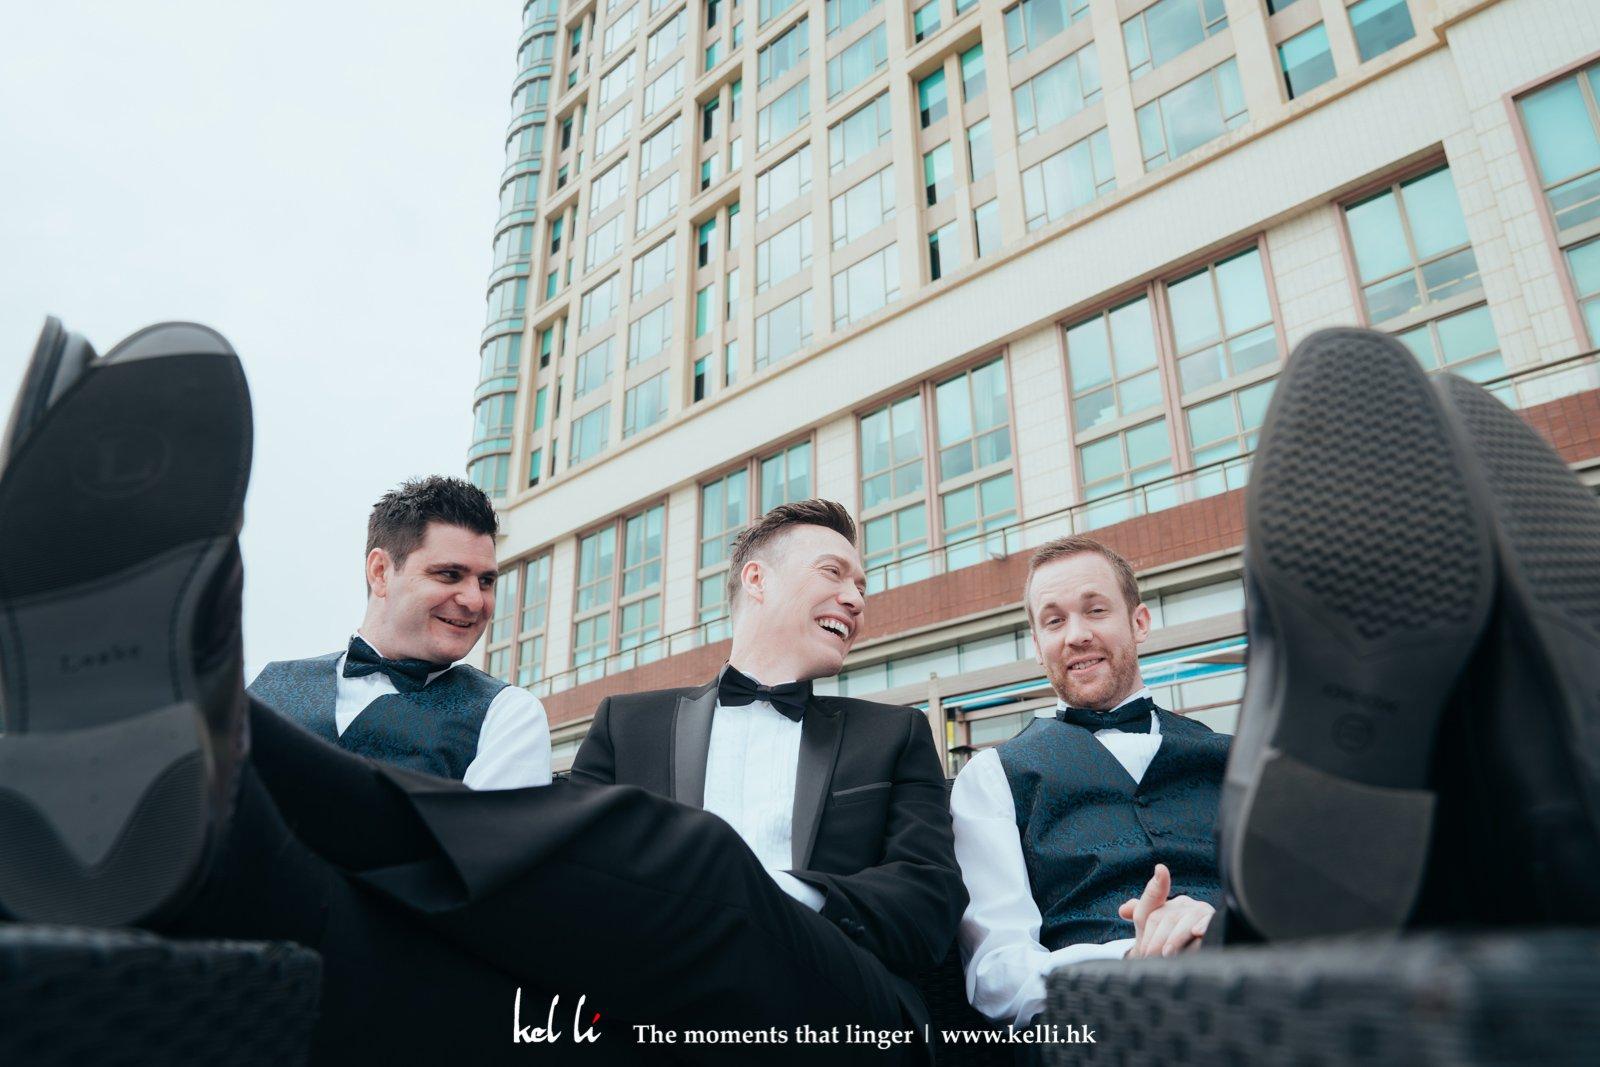 我們的婚禮攝影不乏紀實的原素,如與兄弟的開心傾談